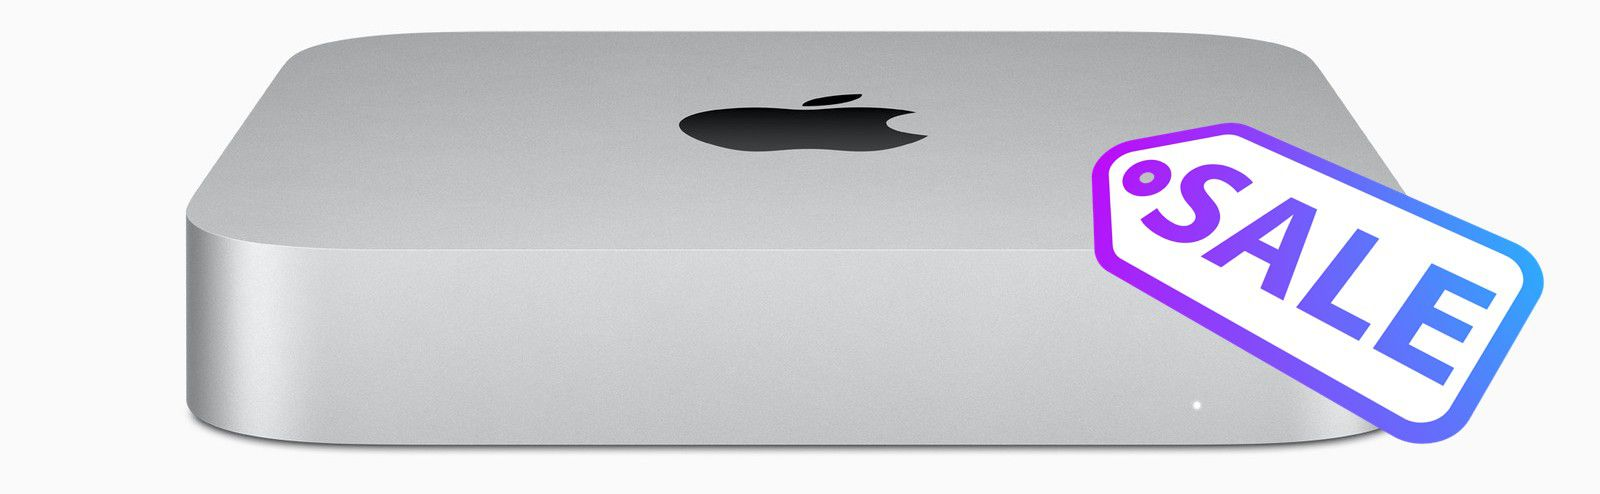 Deals: M1 512GB Mac mini Hits New Low Price of $829 ($70 Off)